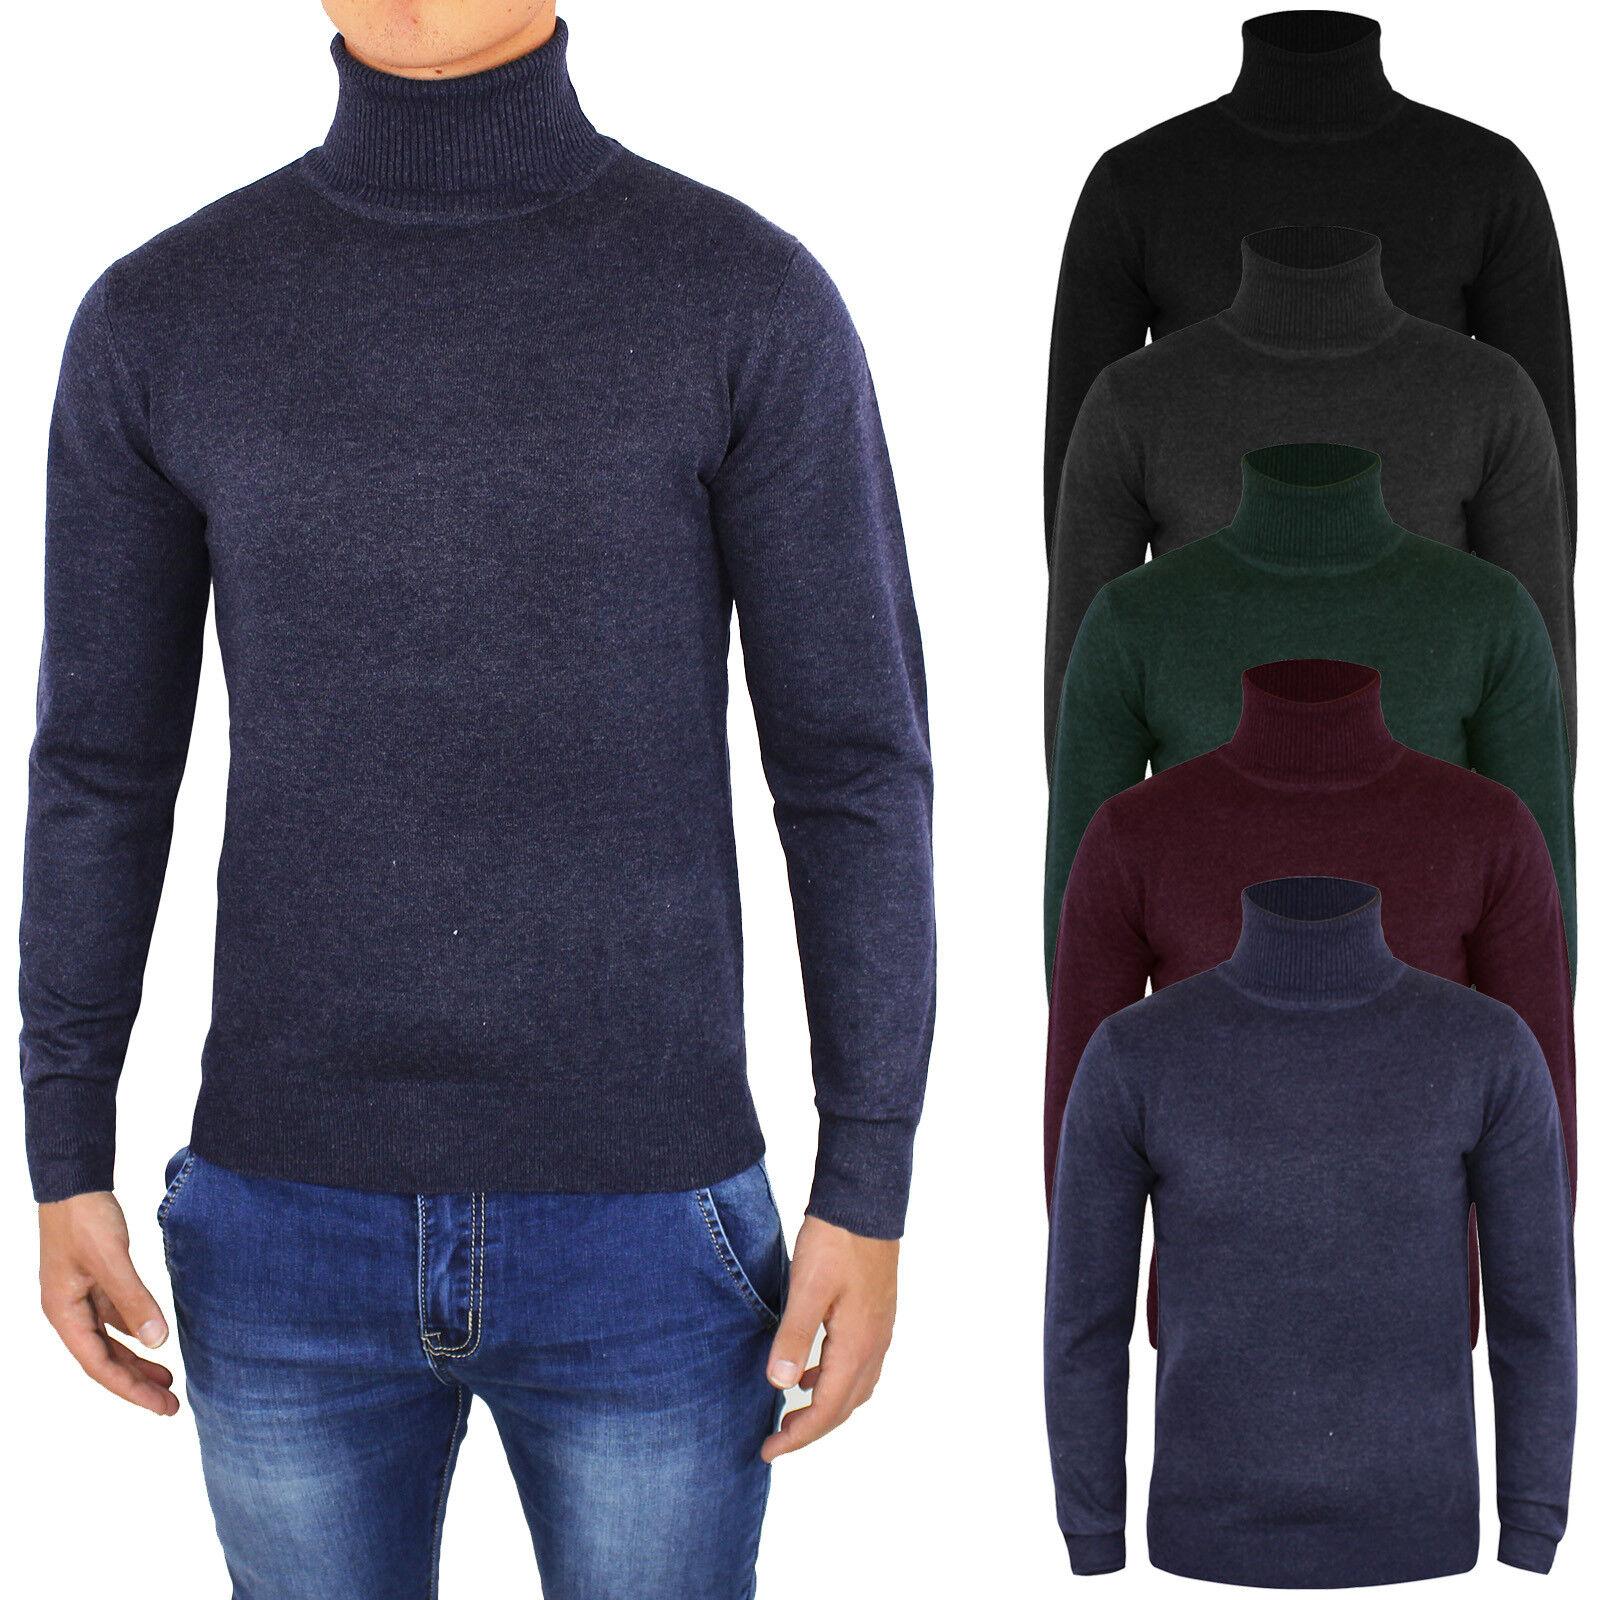 Maglione uomo Lana Maglioncino Collo Alto Slim Fit Cardigan Invernale Pullover